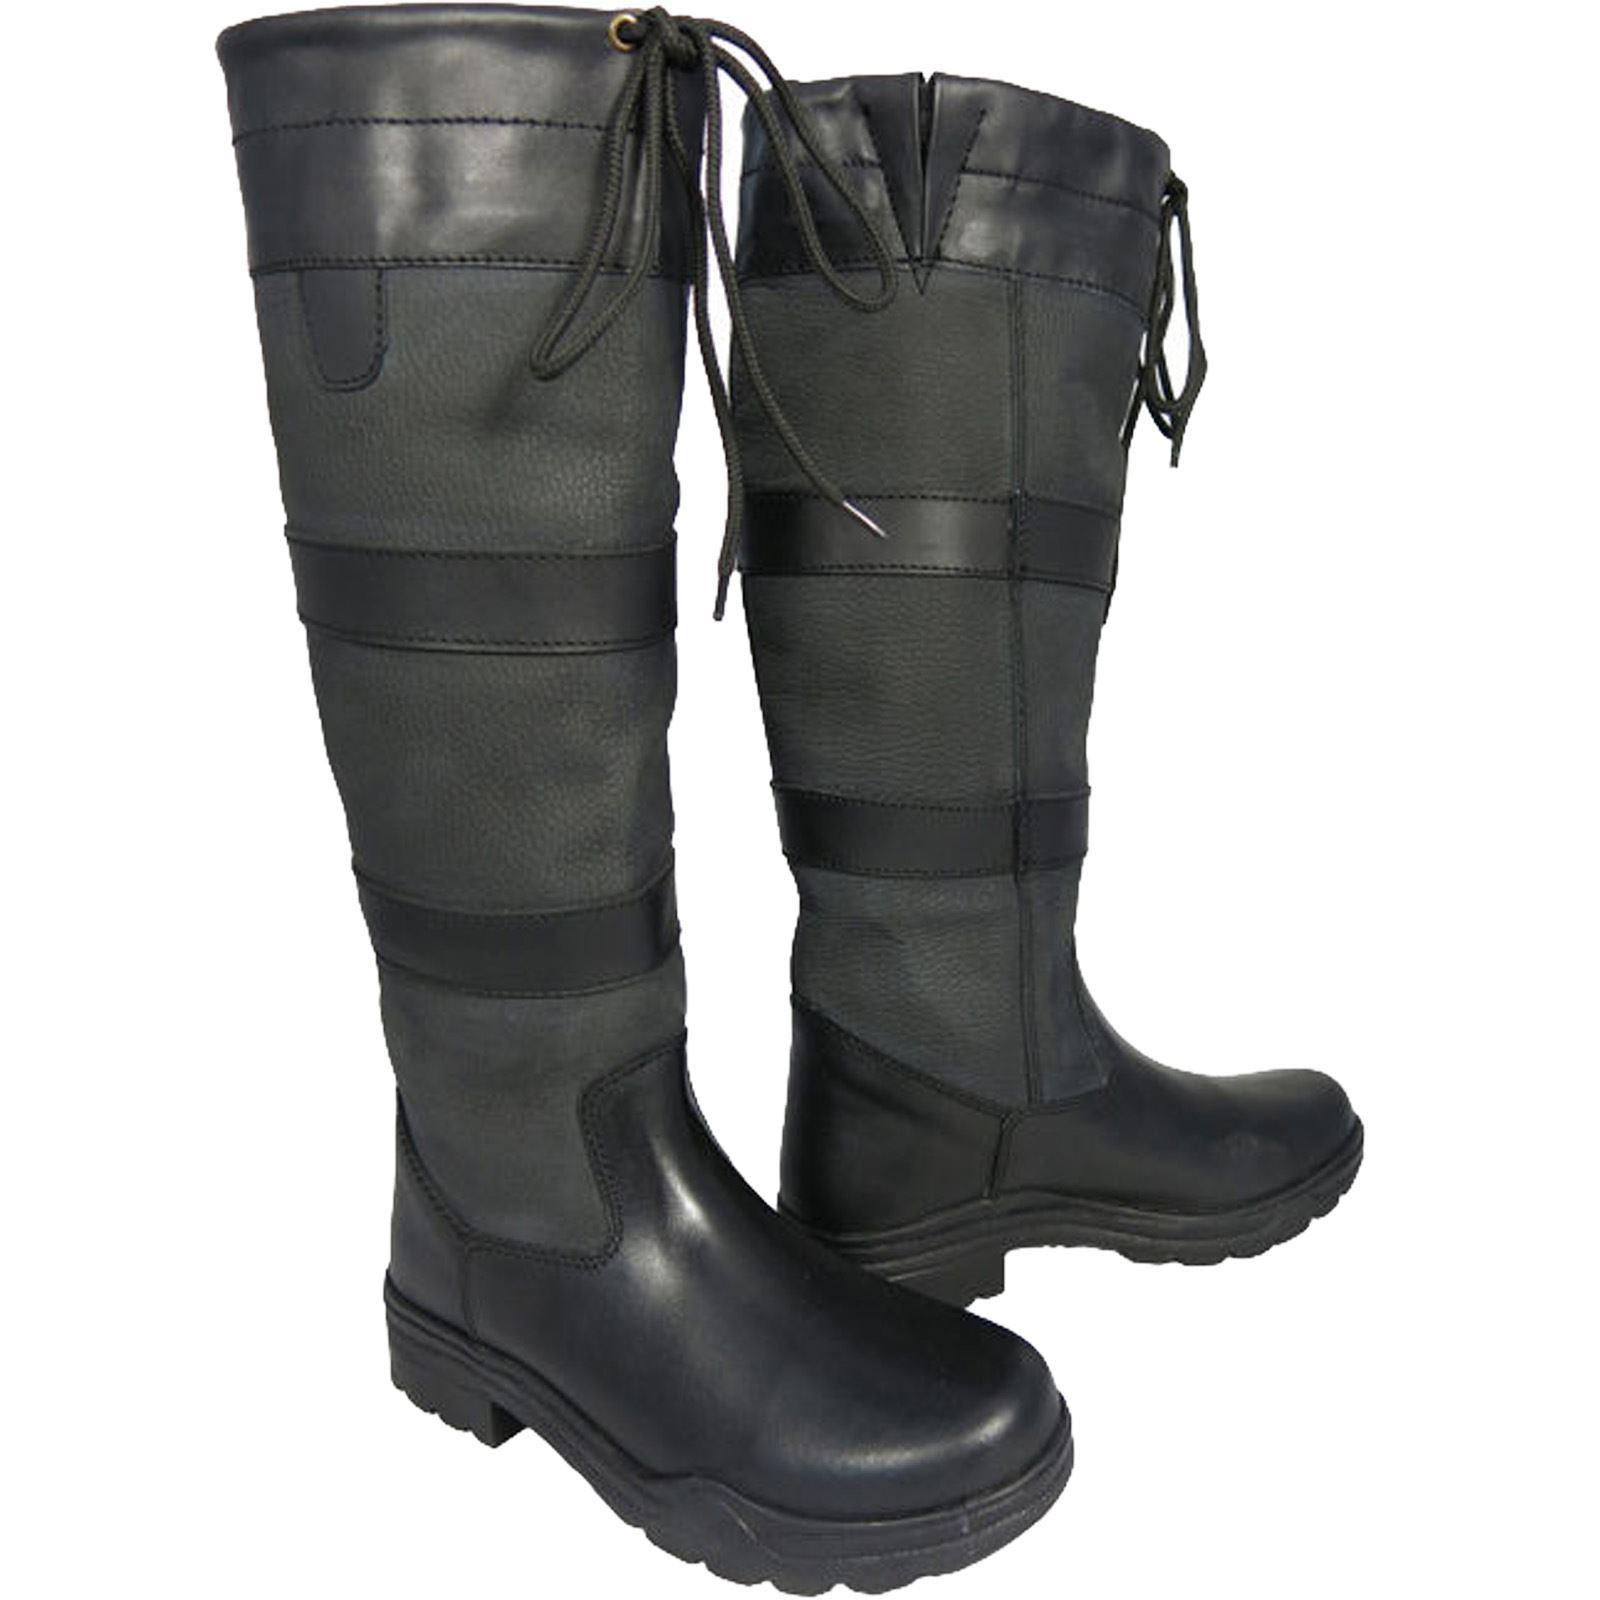 Ladies Mens Waterproof Winter Horse Farm Wellies Leather ...